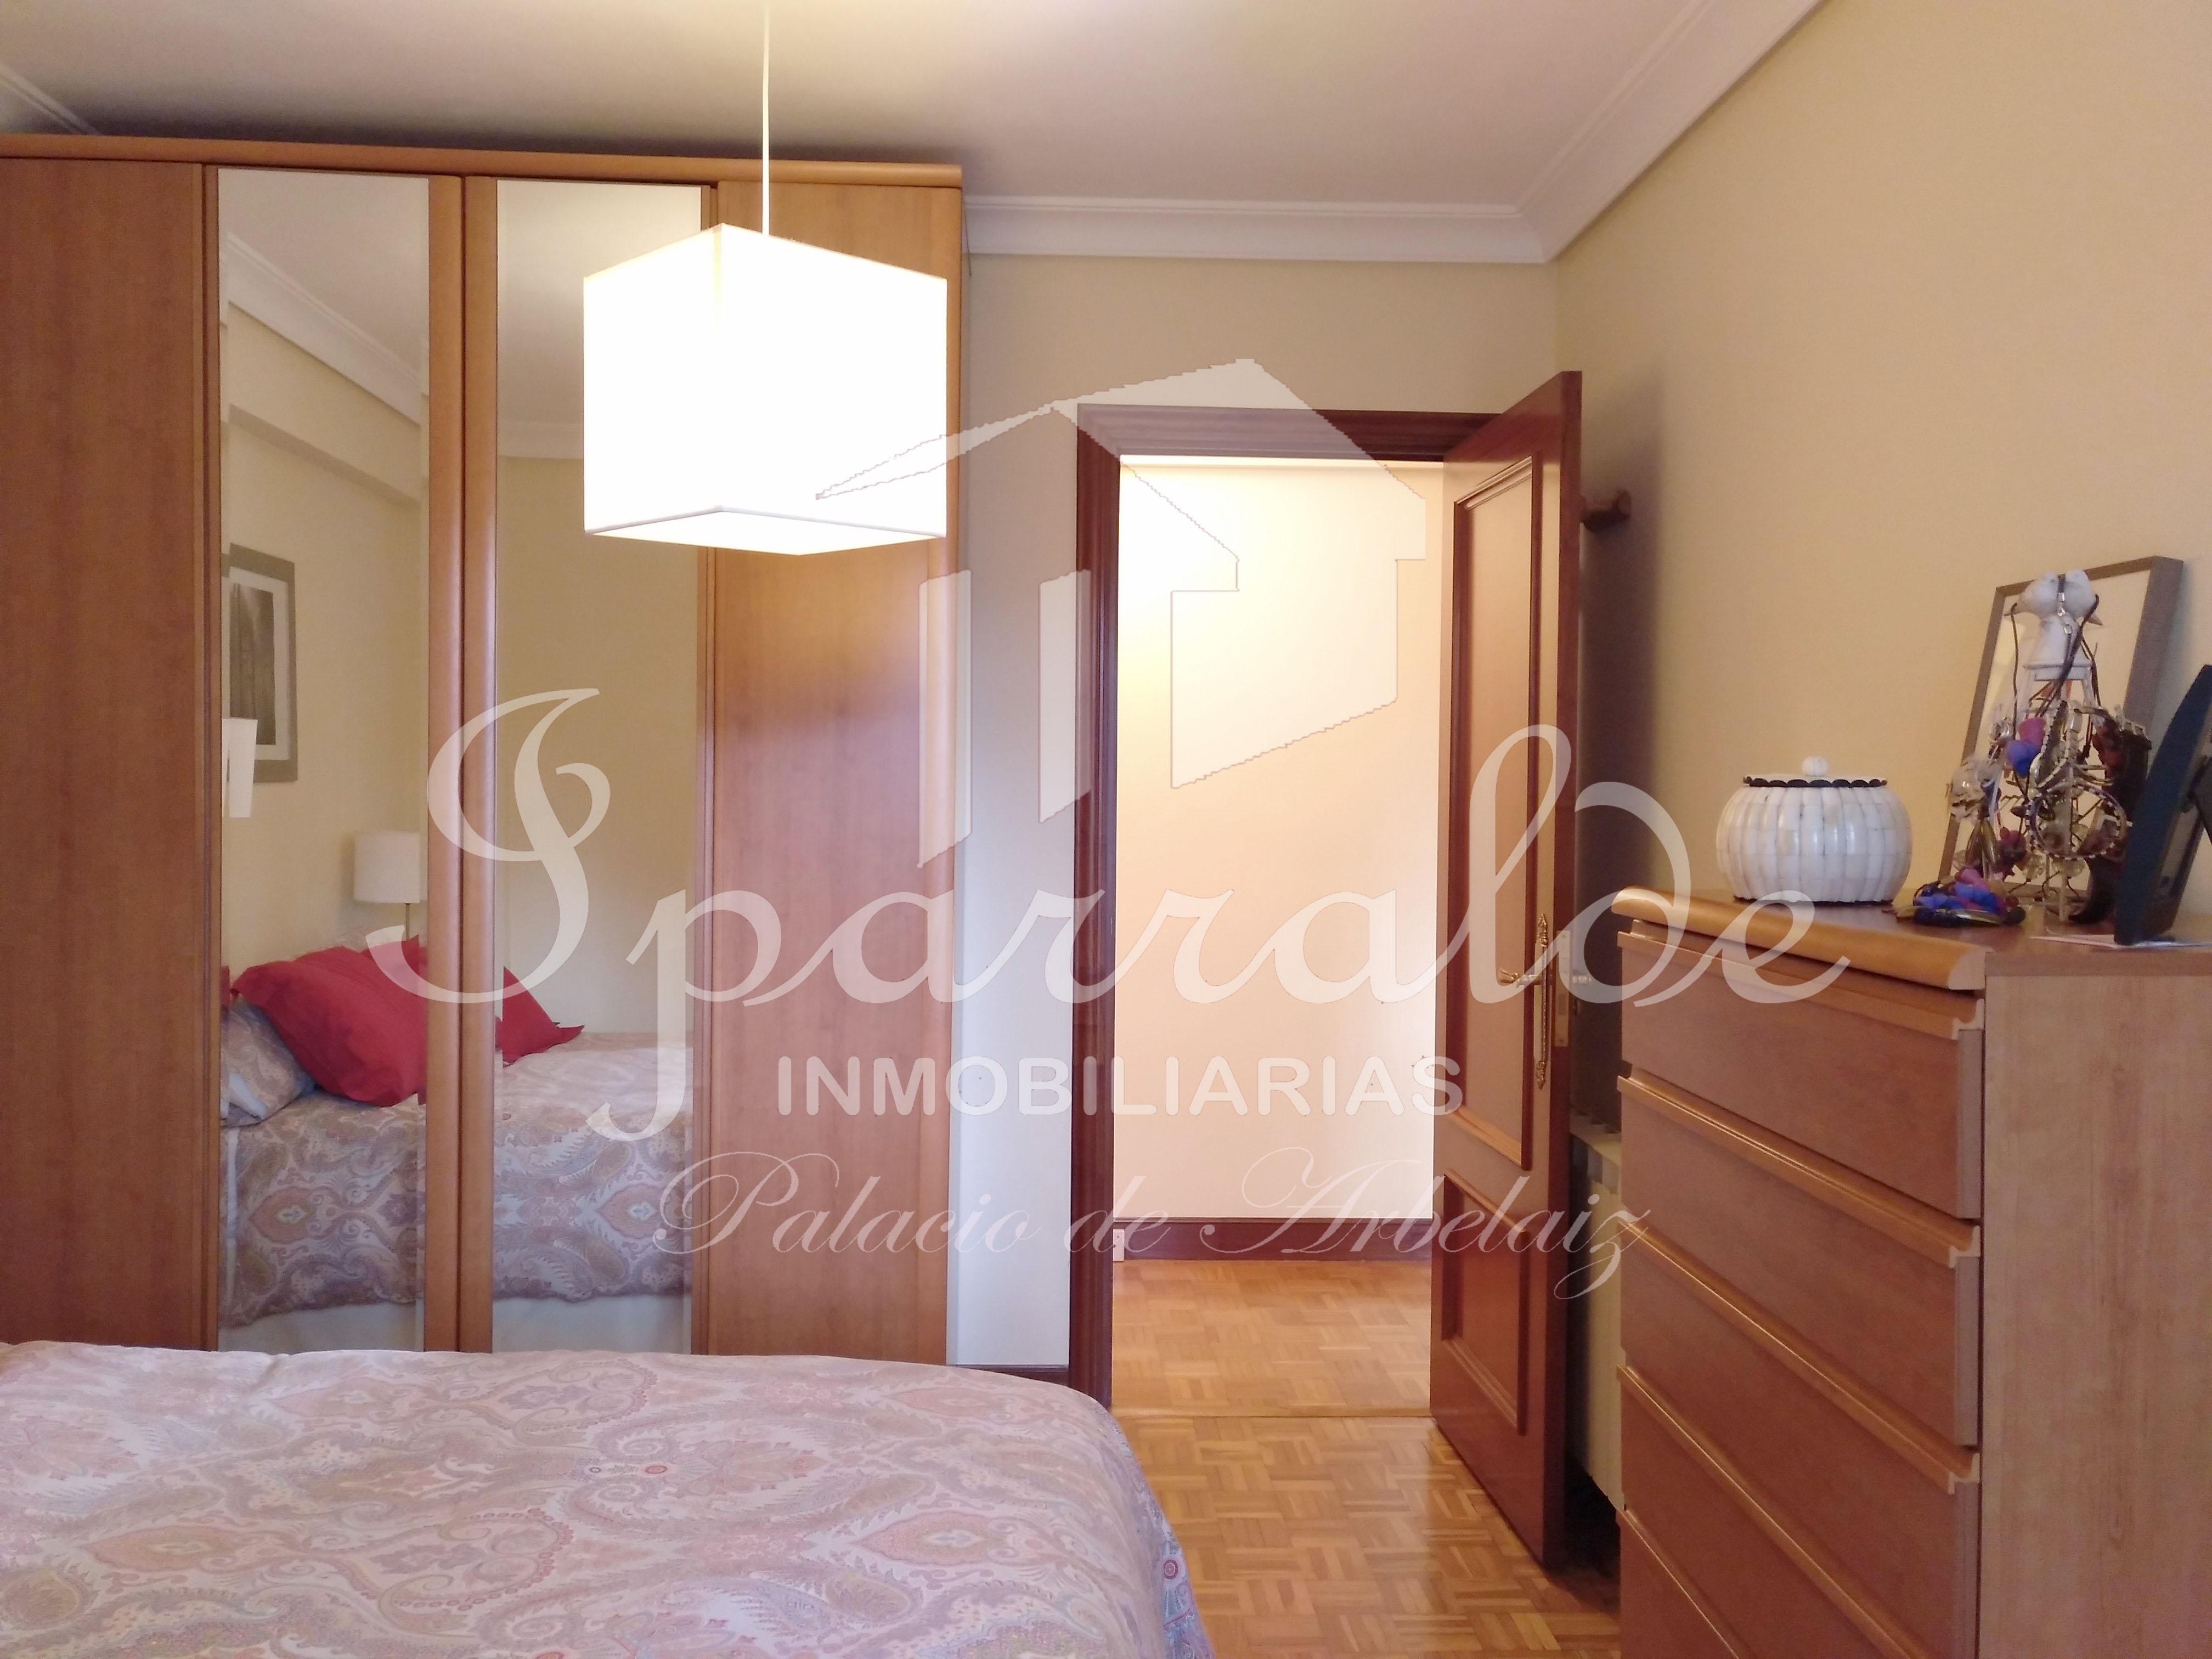 Precioso piso de 61 m² de 2 habitaciones gran cocina con espacio de comedor y salida a balcón cerrado, 1 baño completo y salón